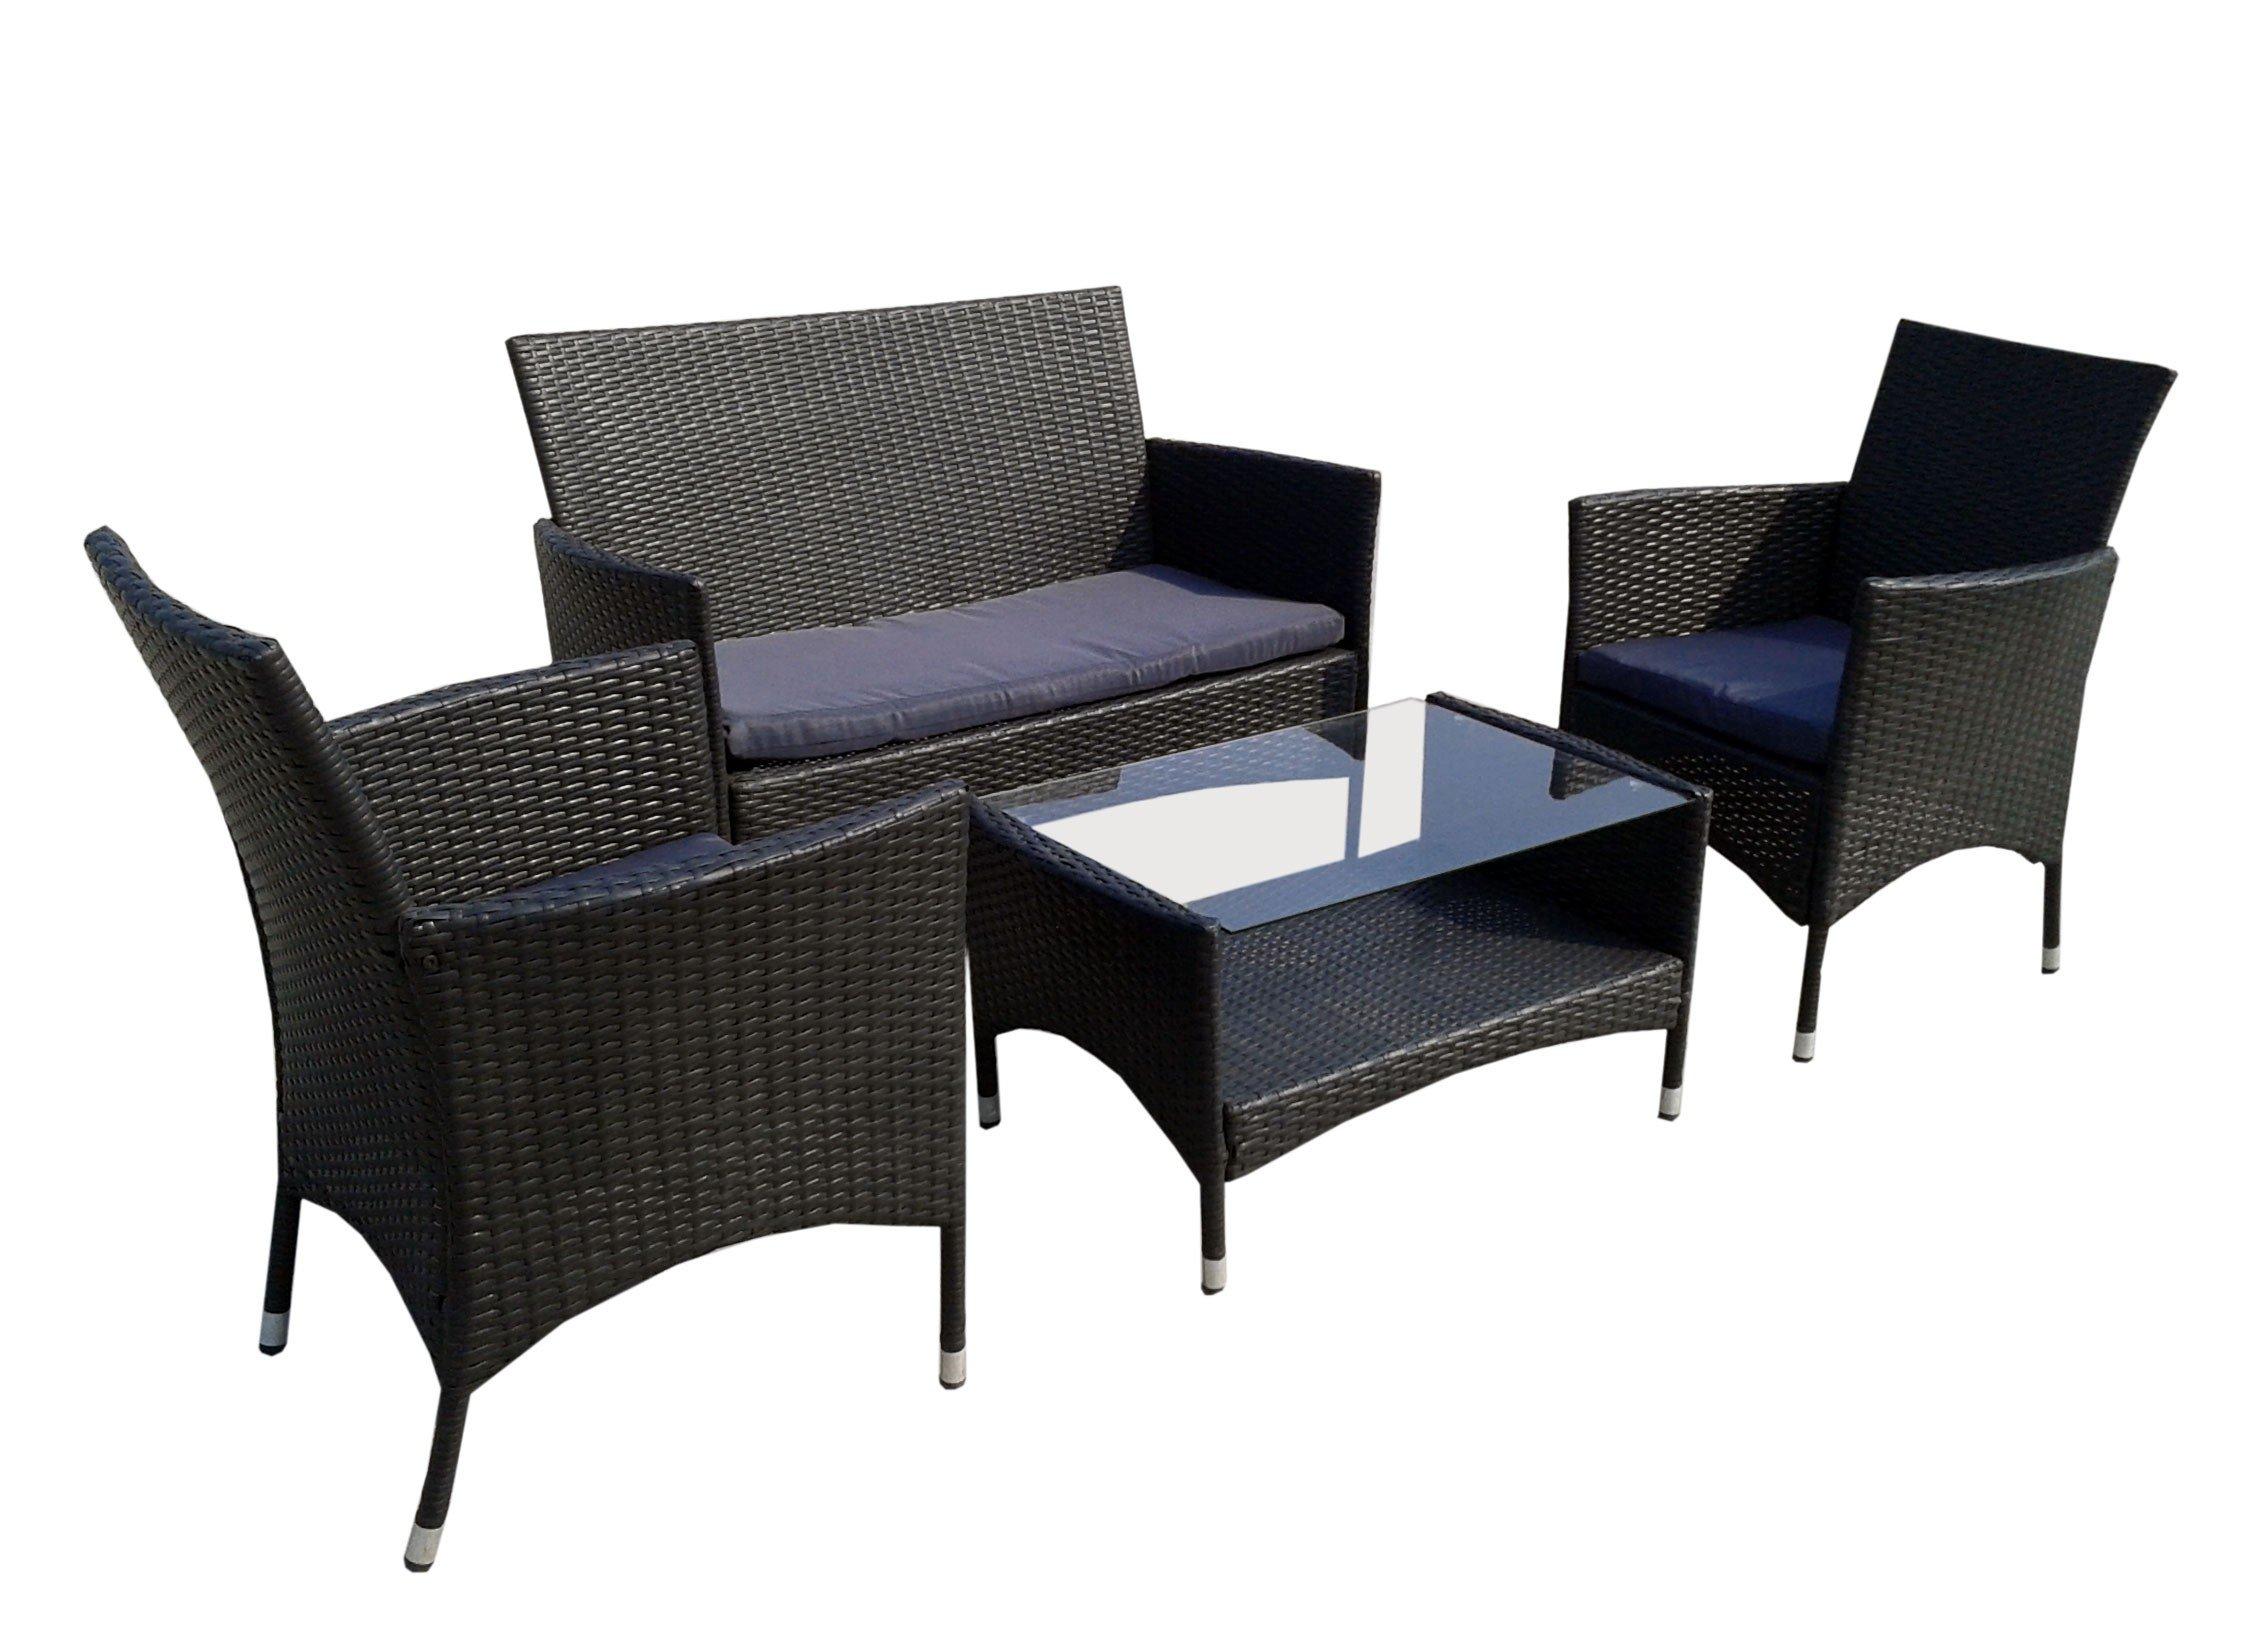 Set de mesa y sillas de jardín resina trenzada, 2 sillones-sofa mesa baja: Amazon.es: Jardín